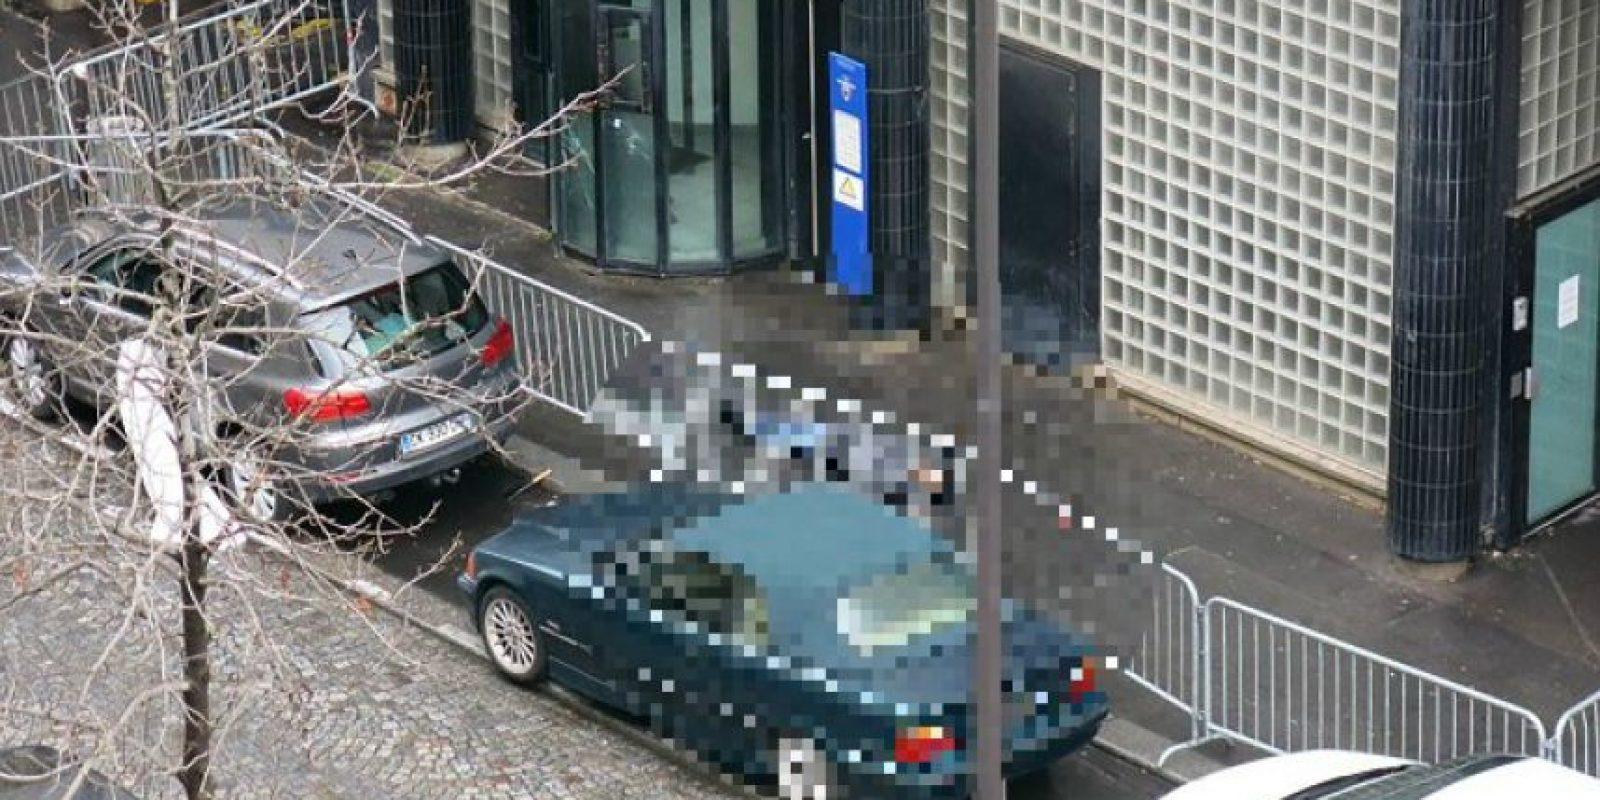 Se informó que portaba un chaleco explosivo como los utilizados en los atentados del pasado 13 de noviembre Foto:AFP